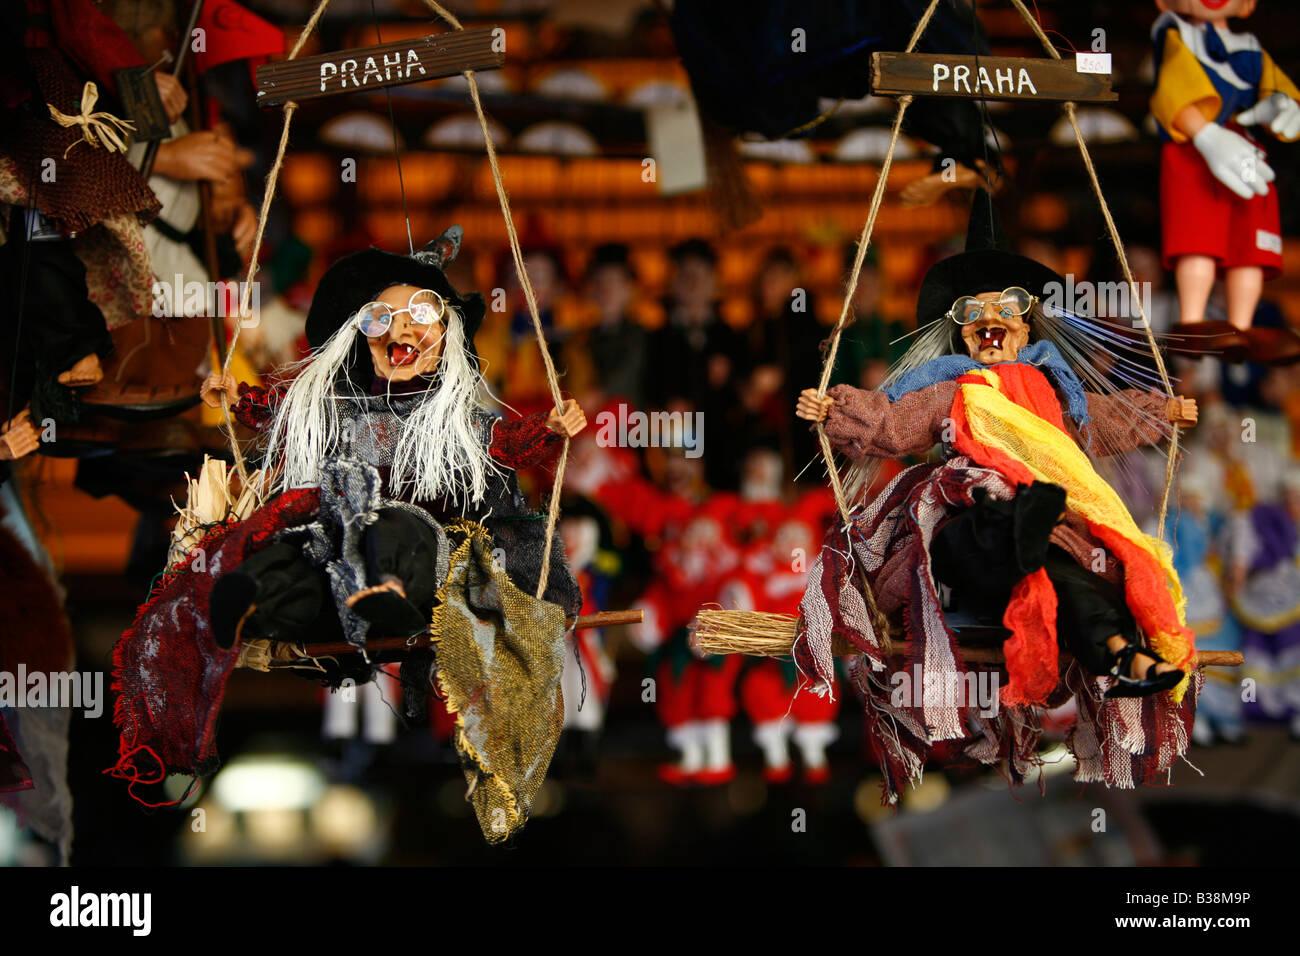 Agosto 2008 - strega marionetta souvenir di Praga Repubblica Ceca Immagini Stock